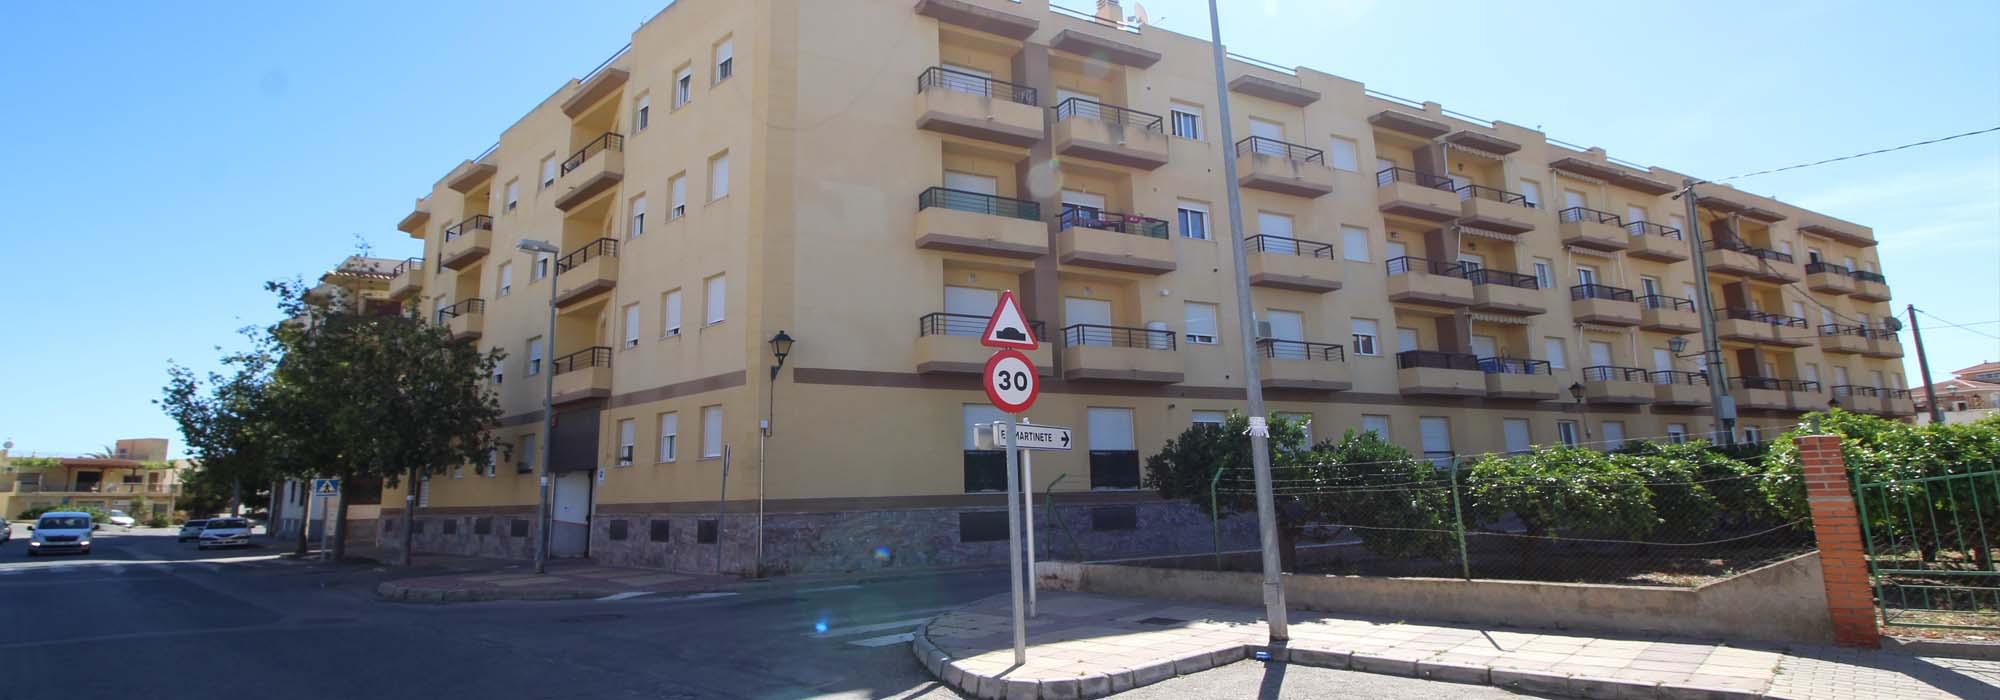 Plaza de aparcamiento. El Morro. Cuevas del Almanzora